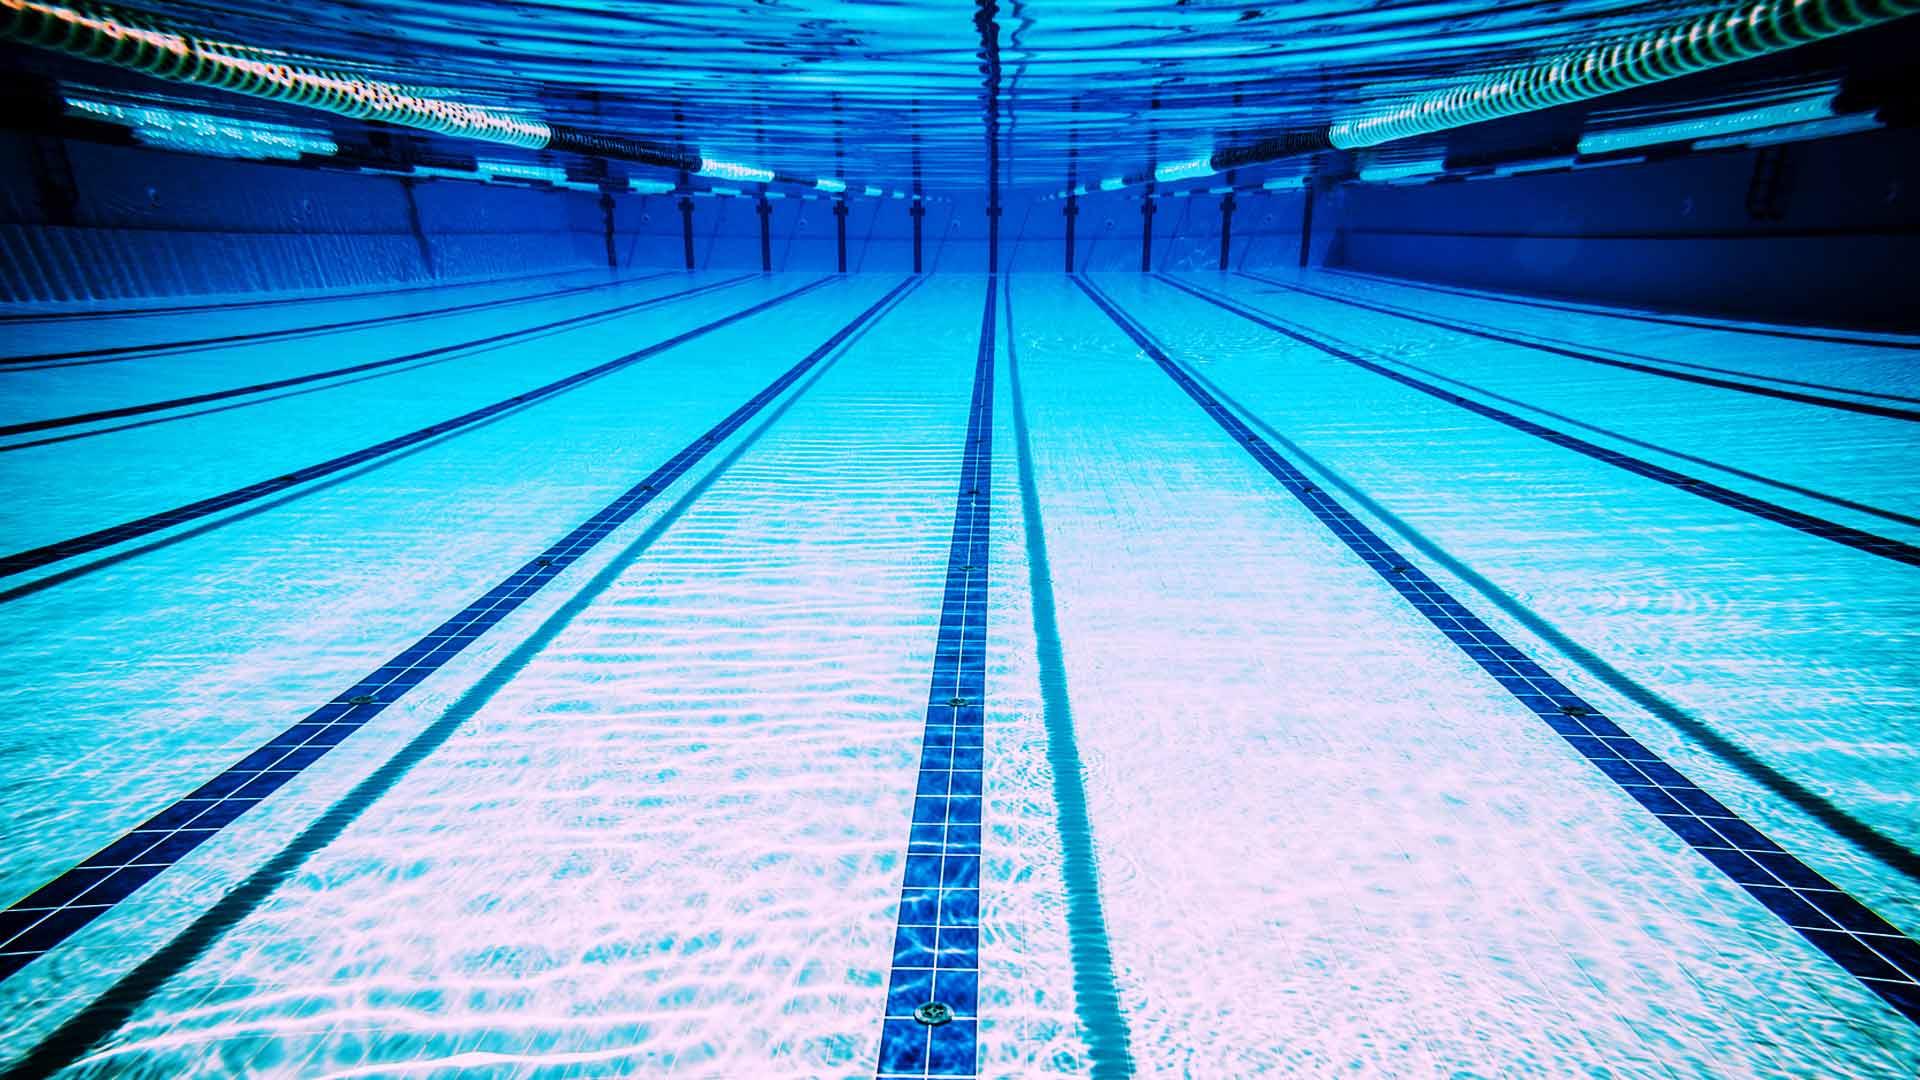 Votre centre aquatique de bolbec sera ouvert lundi 28 mars - Notre dame de gravenchon piscine ...